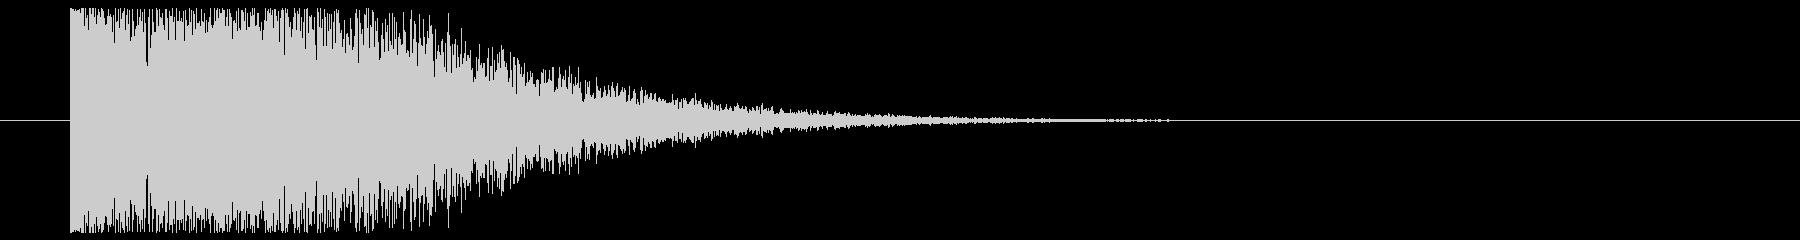 ロゴ表示_セットOKの未再生の波形